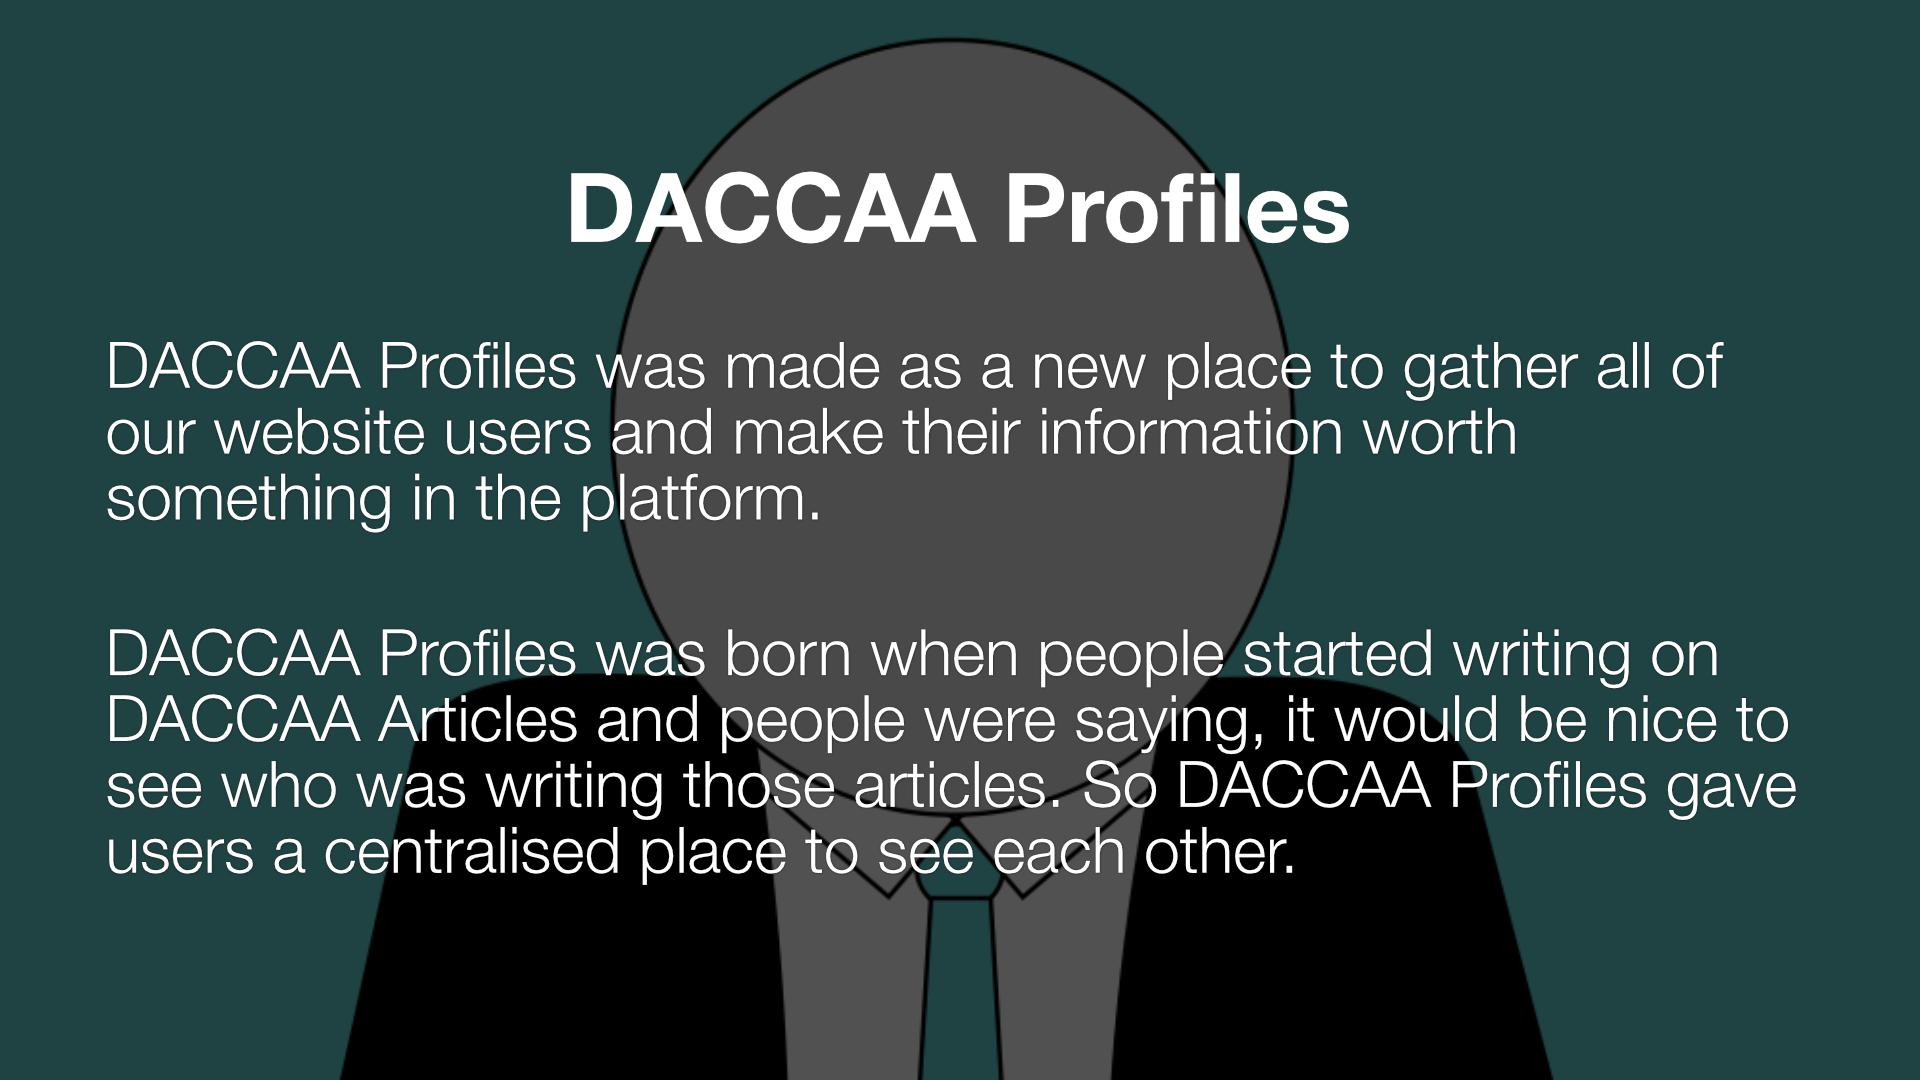 DACCAA Profiles